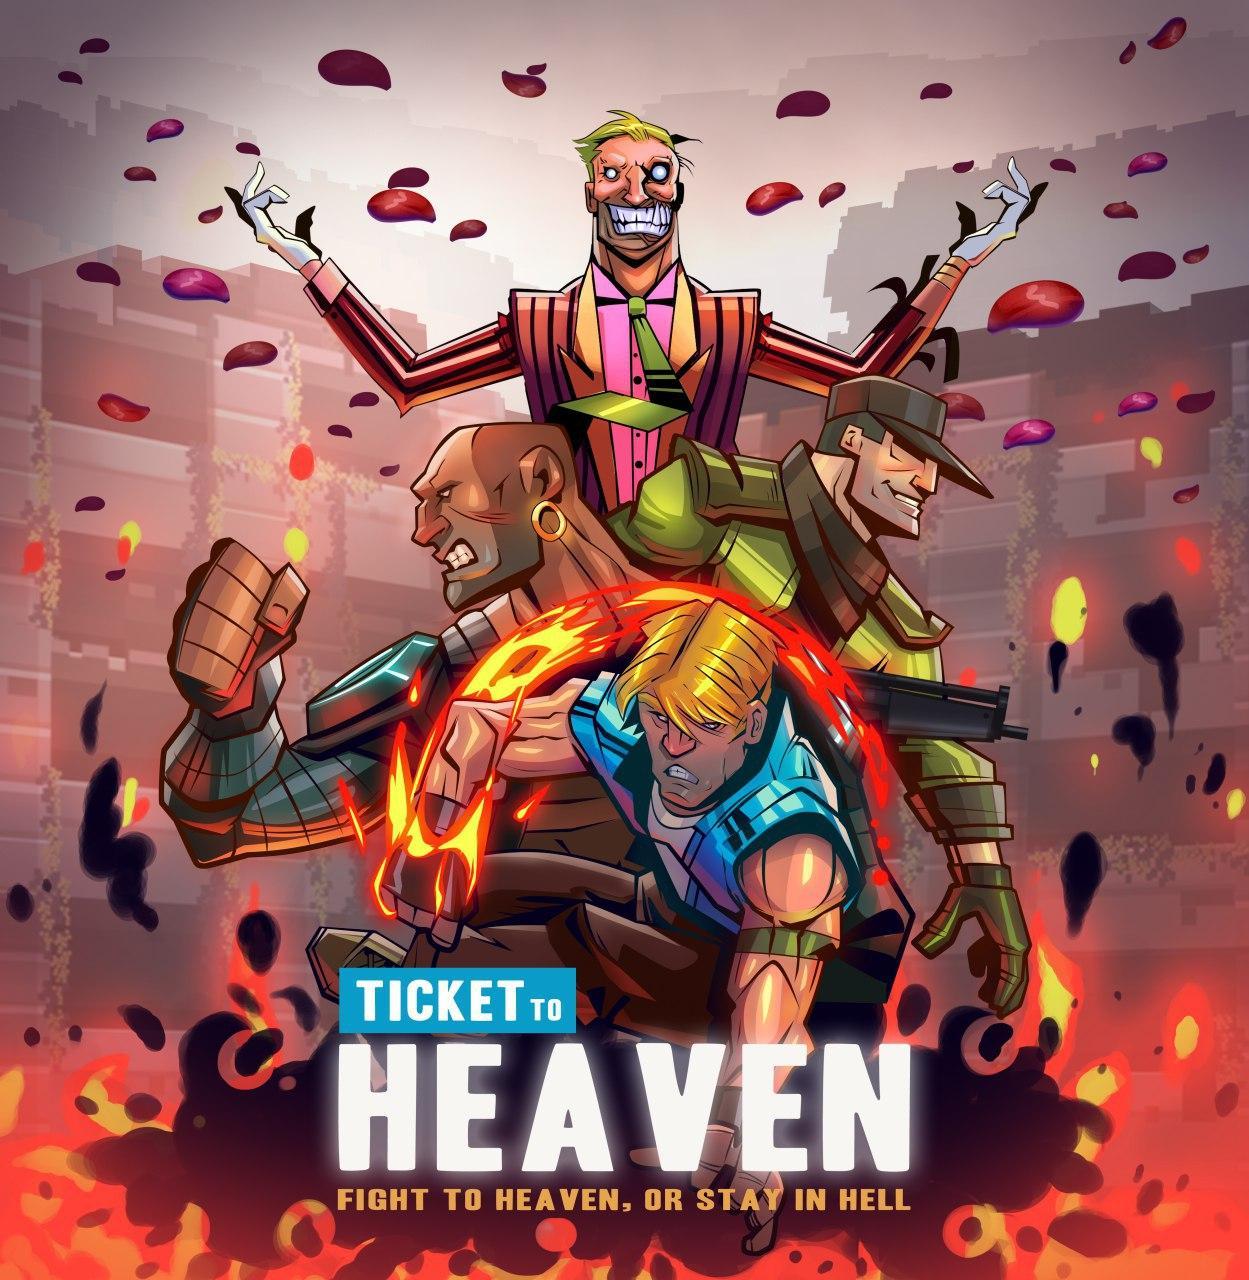 معرفی بازی Ticket to Heaven